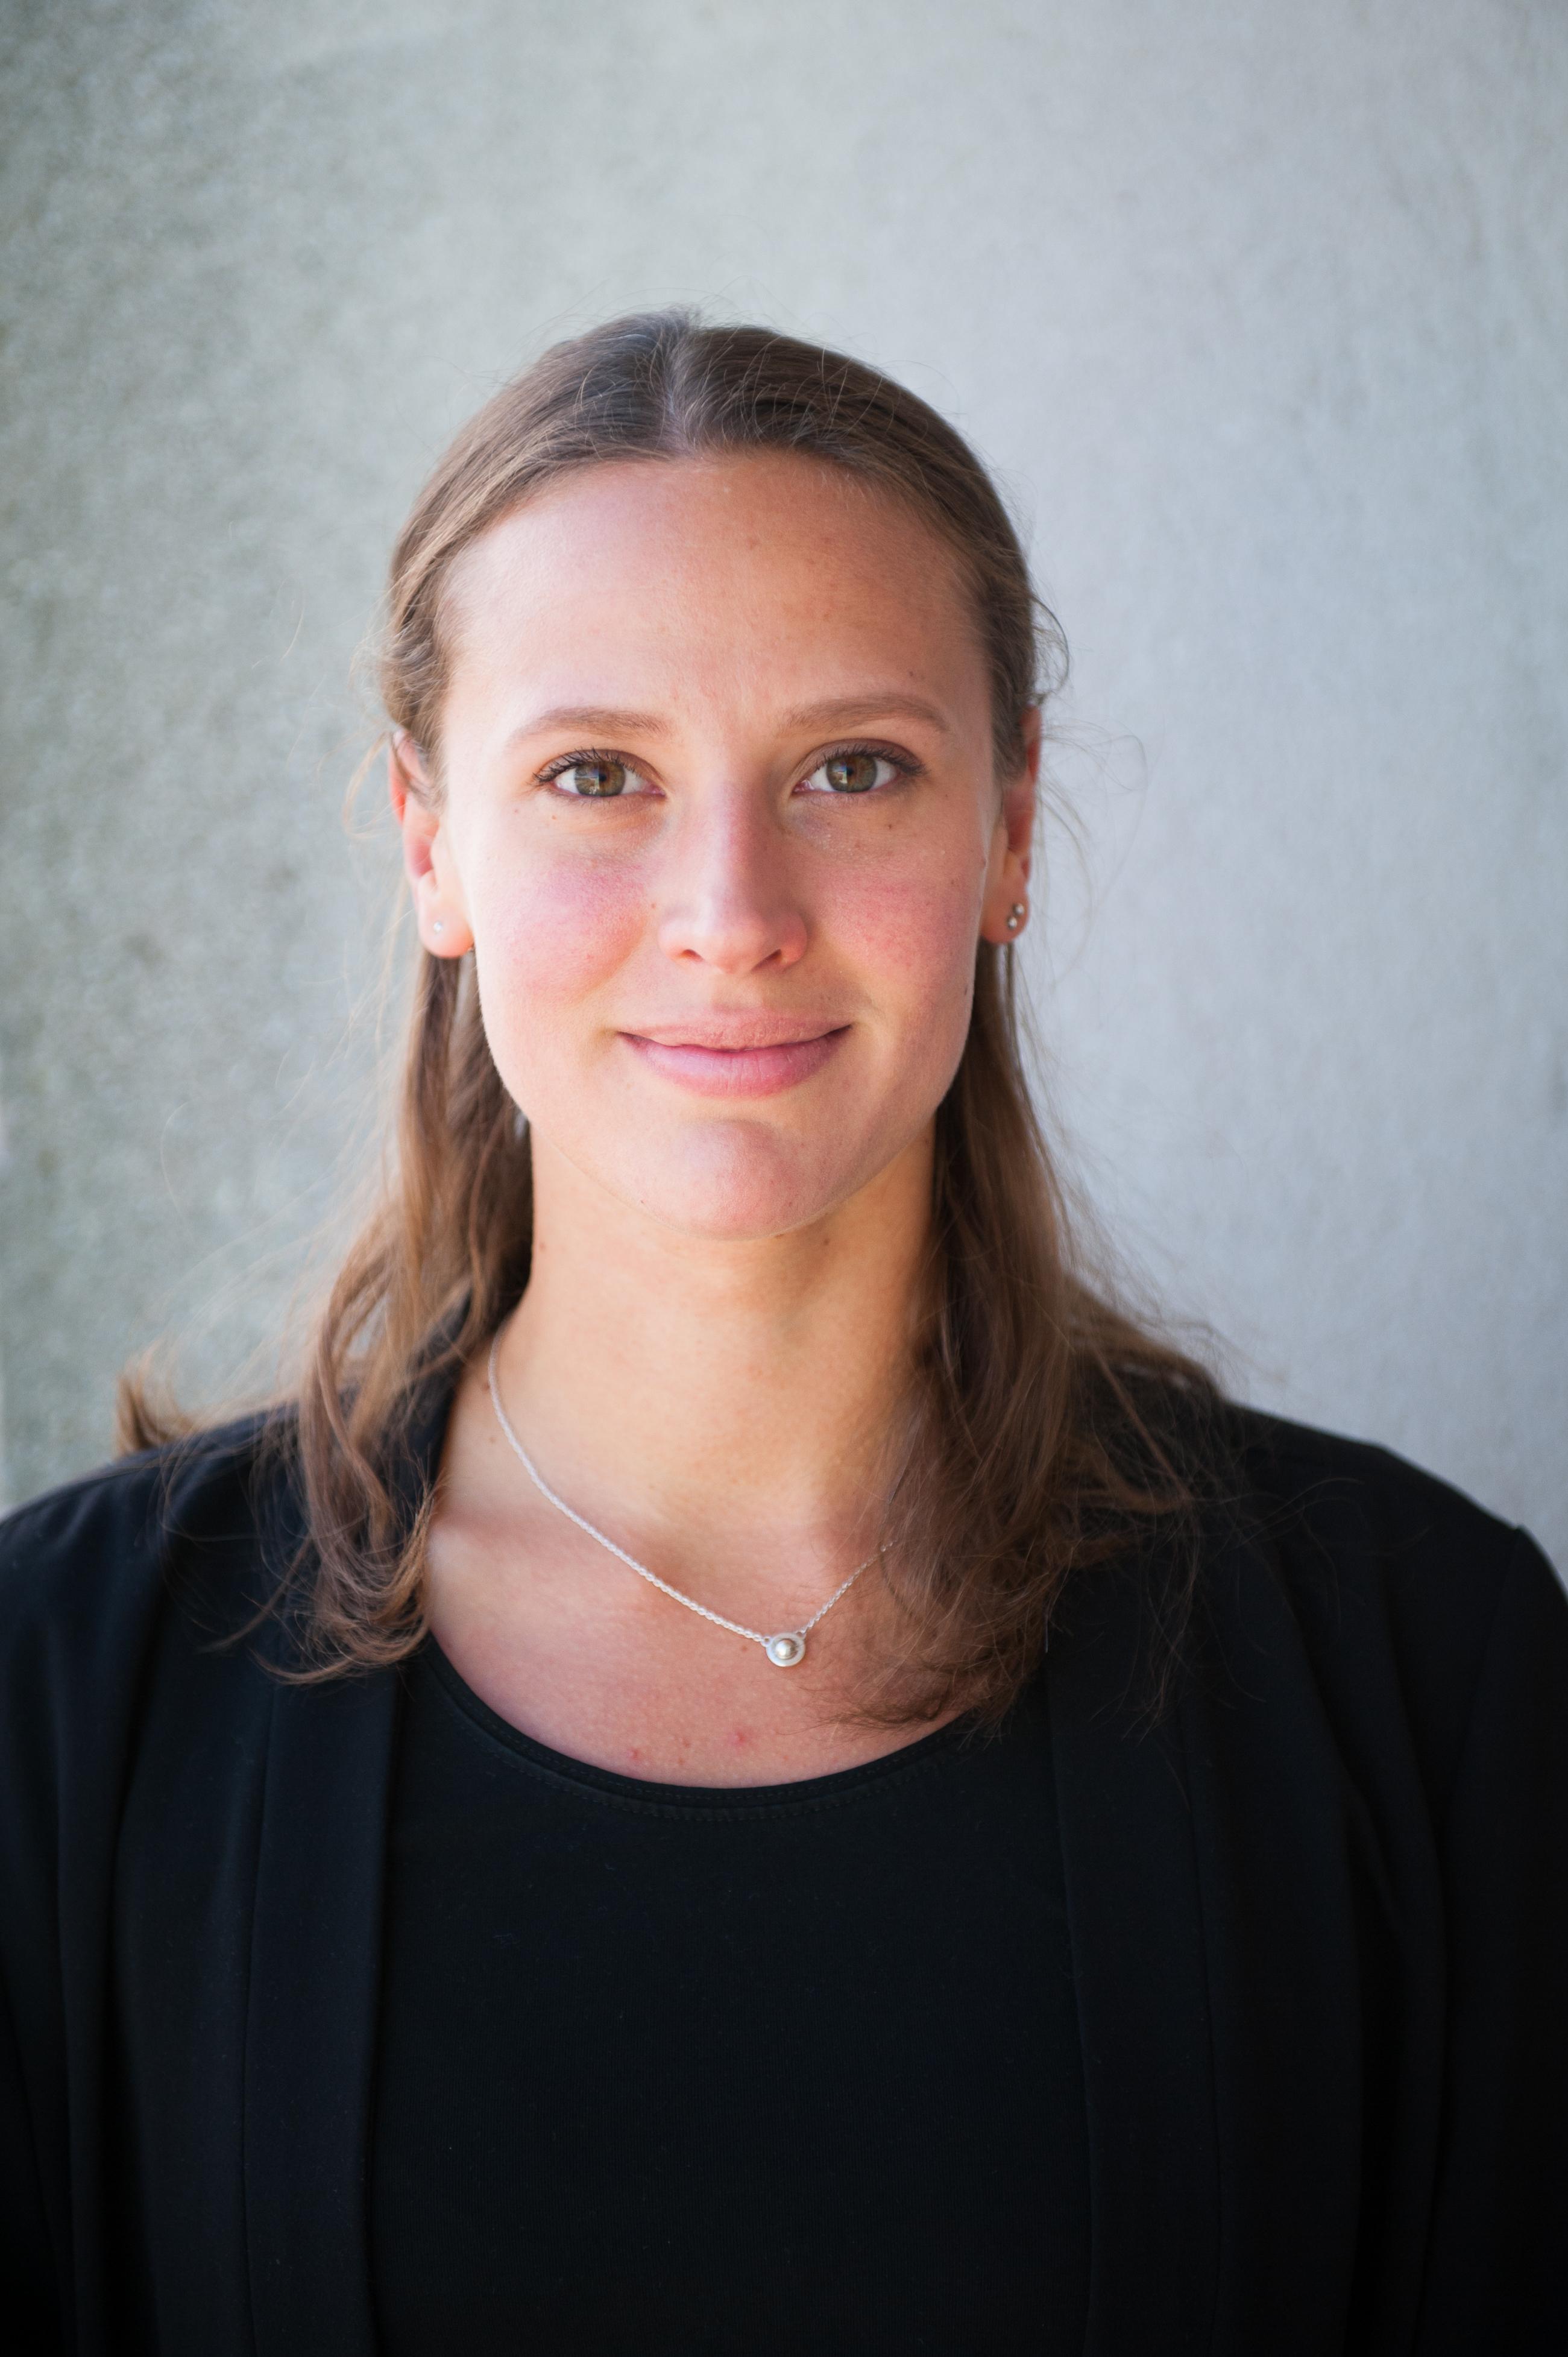 Julia Sandberg's photo